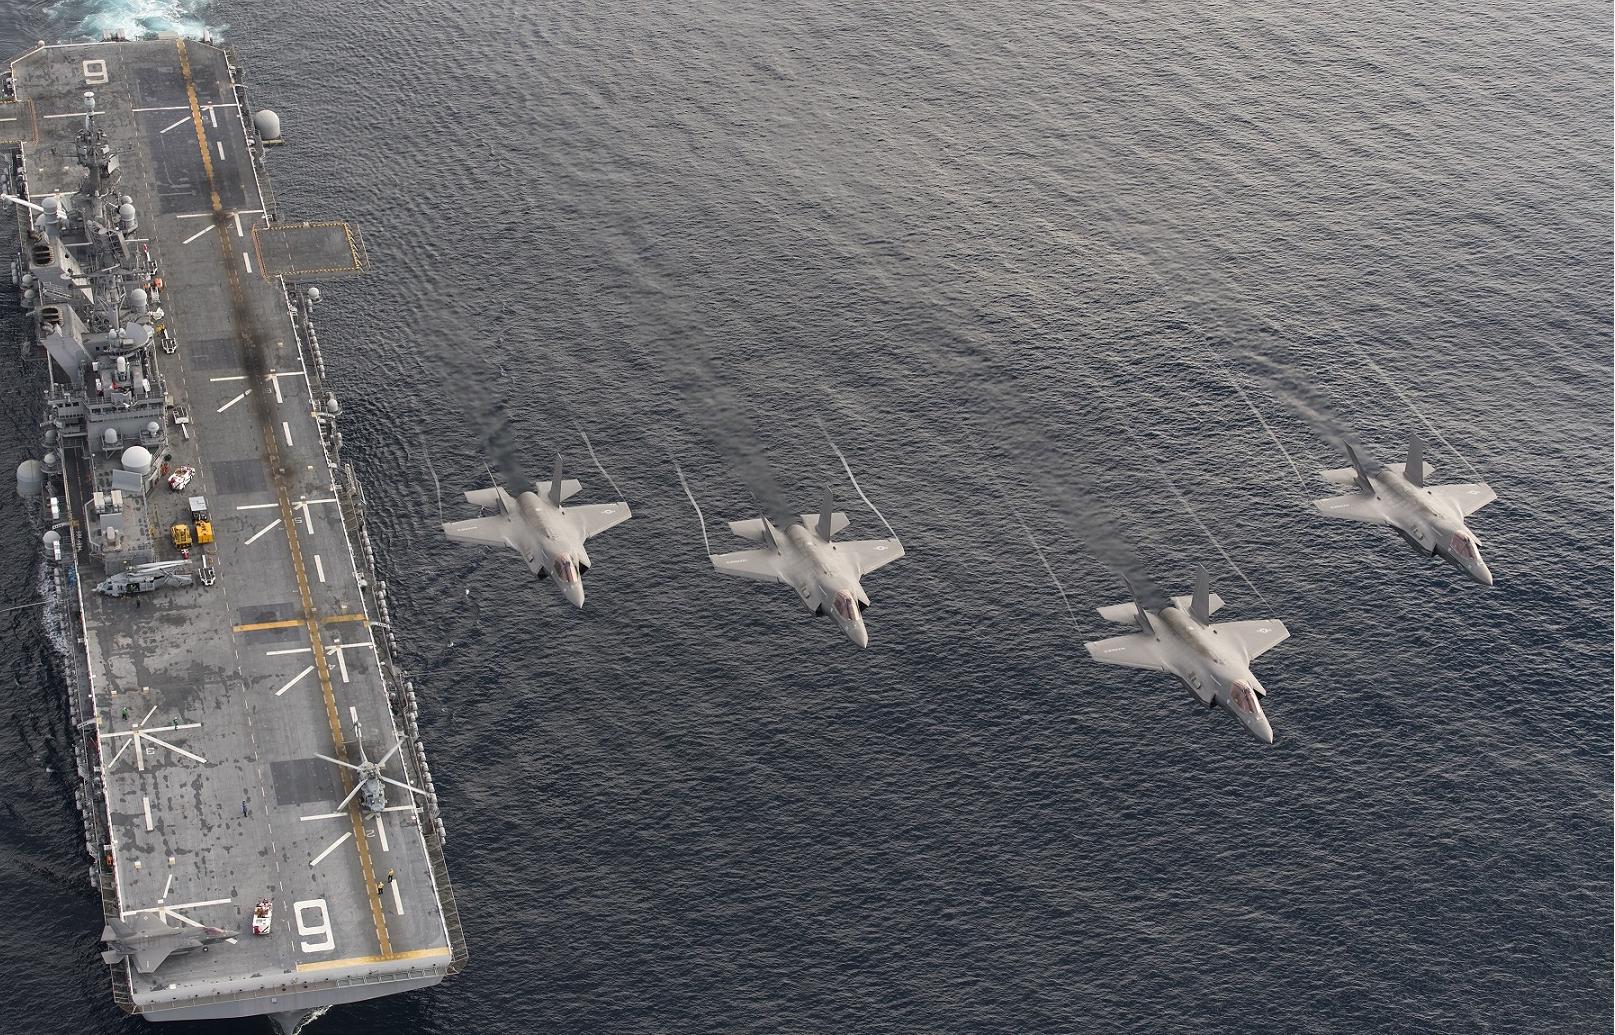 观察者网一周外军评论:美国海军新造舰计划 如何应对规模缩减